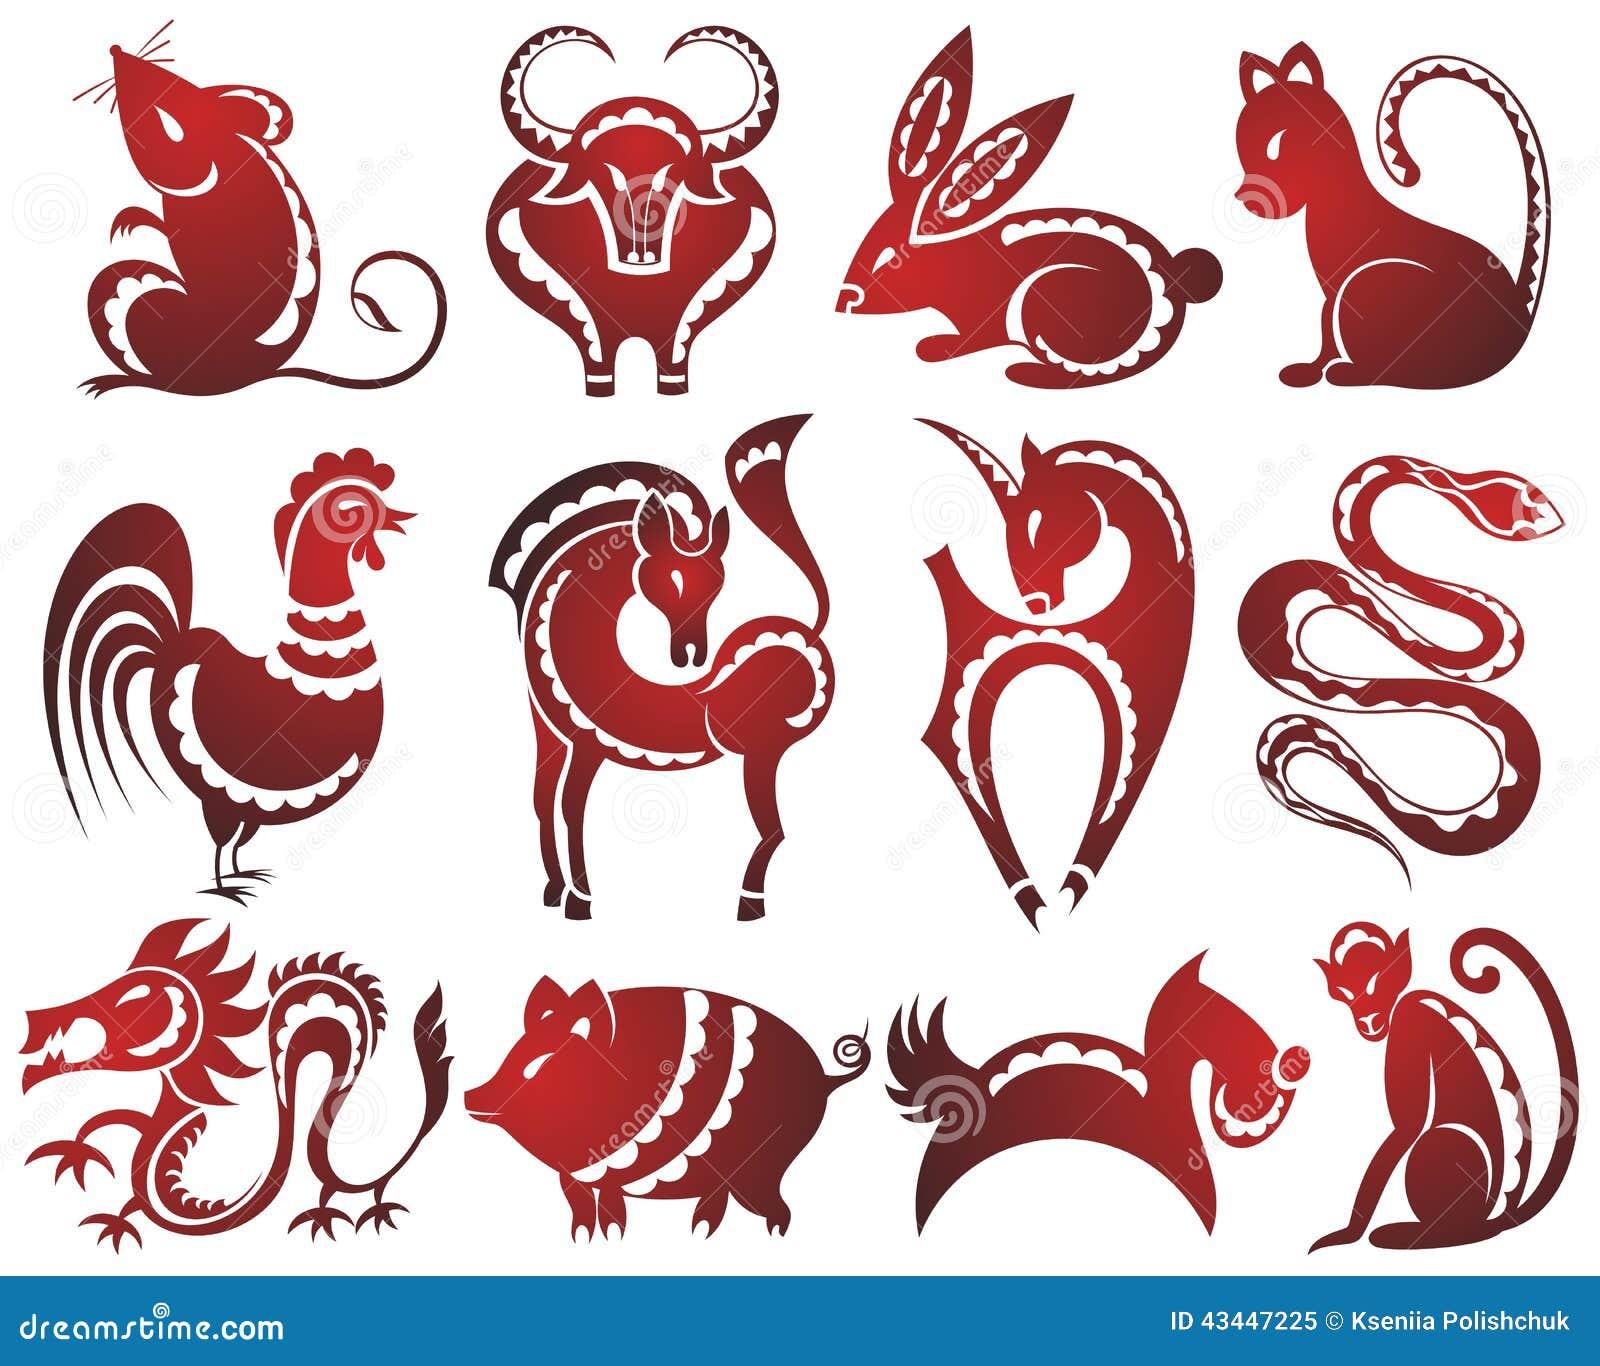 12 chinesische tierkreiszeichen vektor abbildung bild 43447225. Black Bedroom Furniture Sets. Home Design Ideas